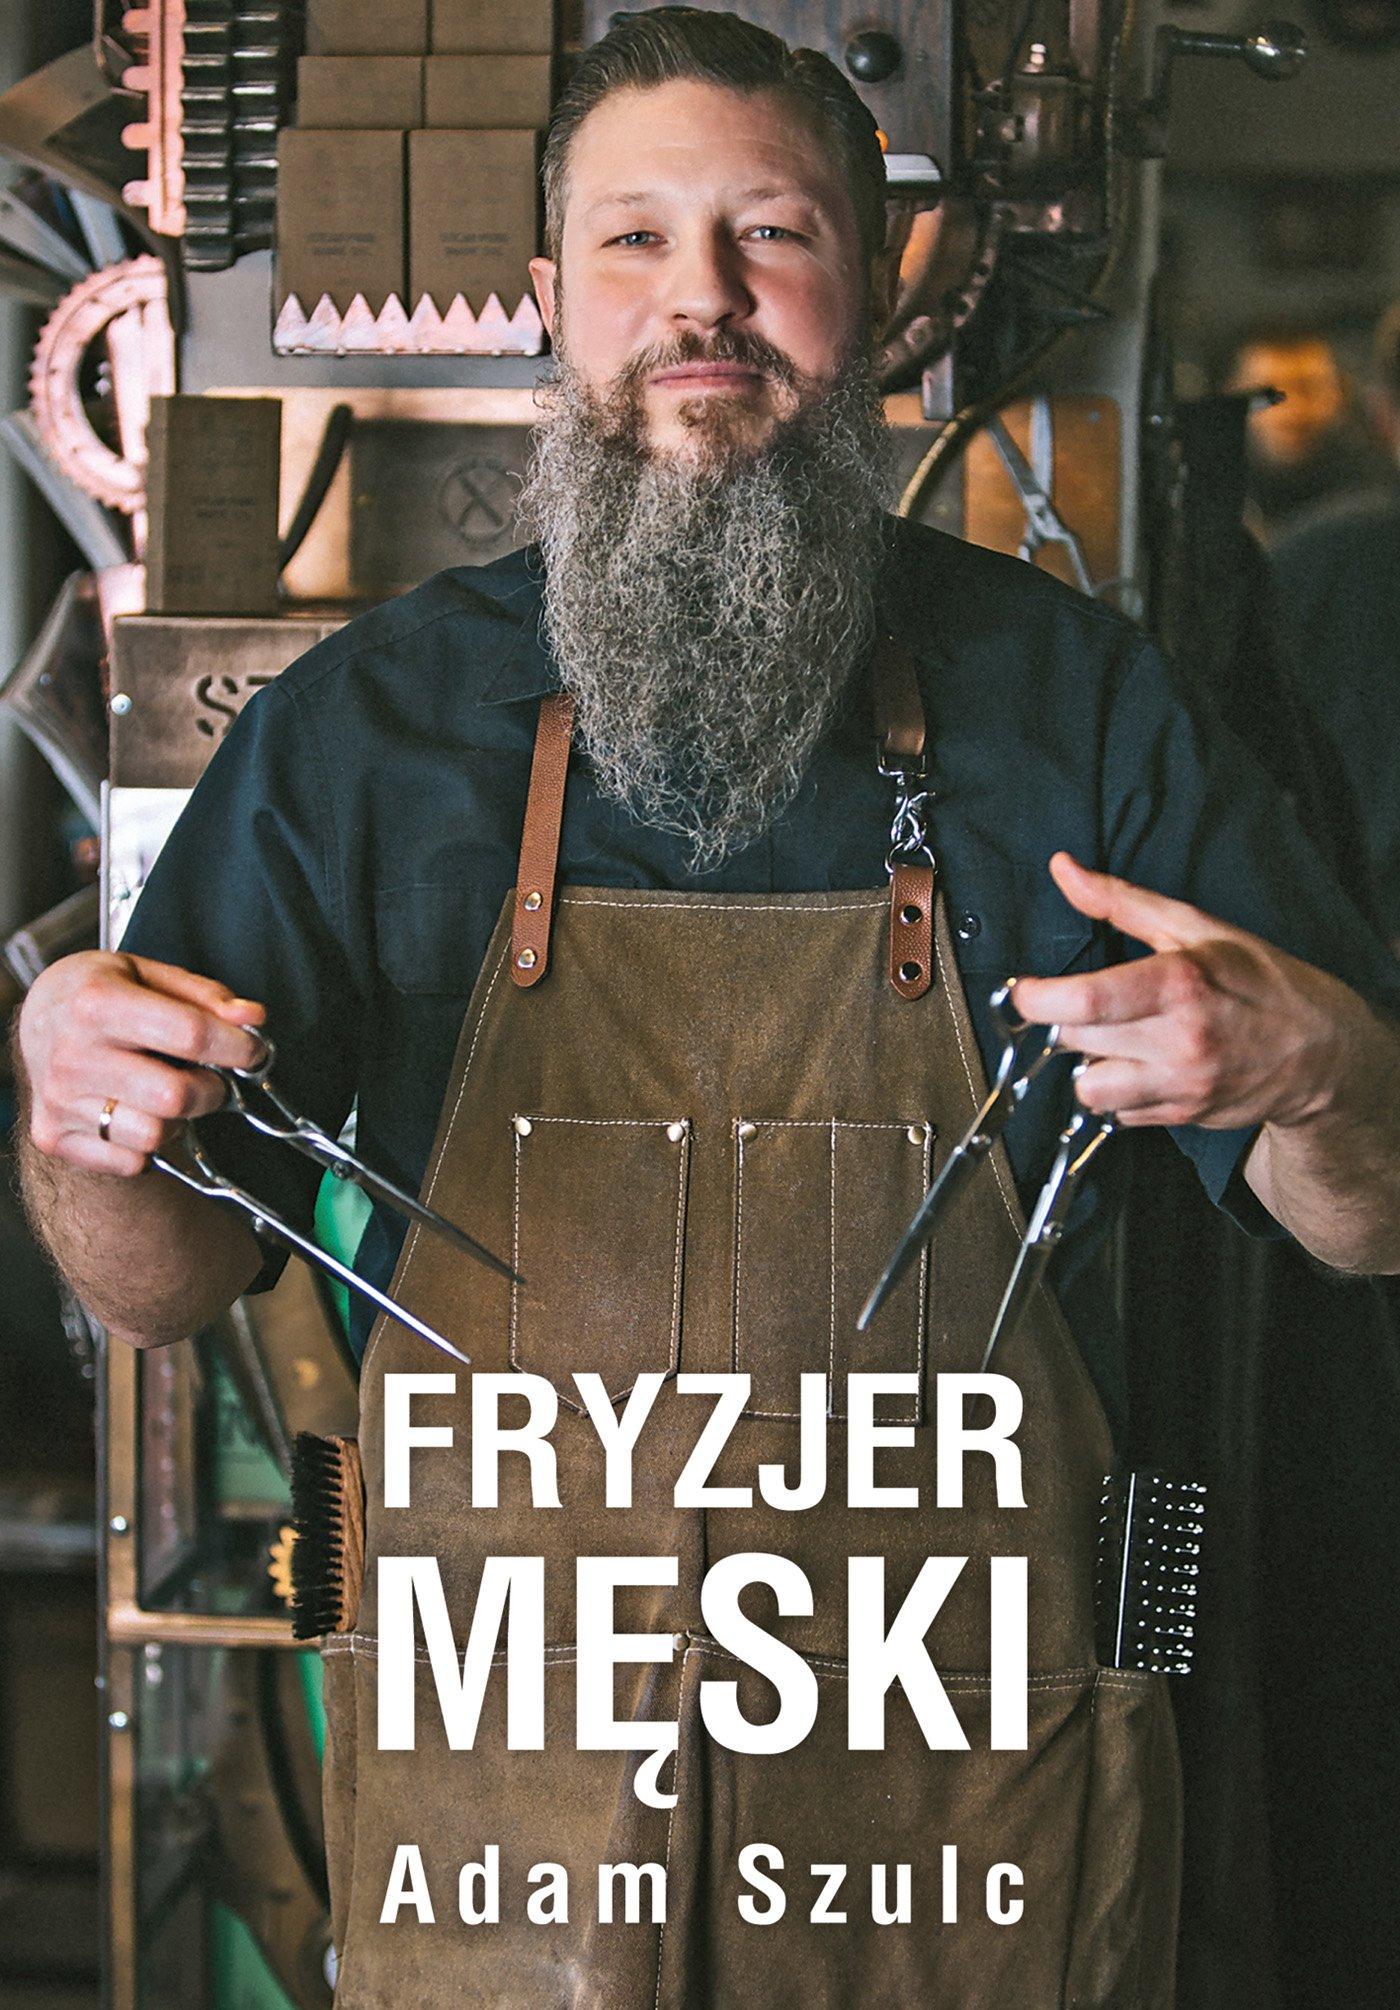 Fryzjer męski - Ebook (Książka EPUB) do pobrania w formacie EPUB